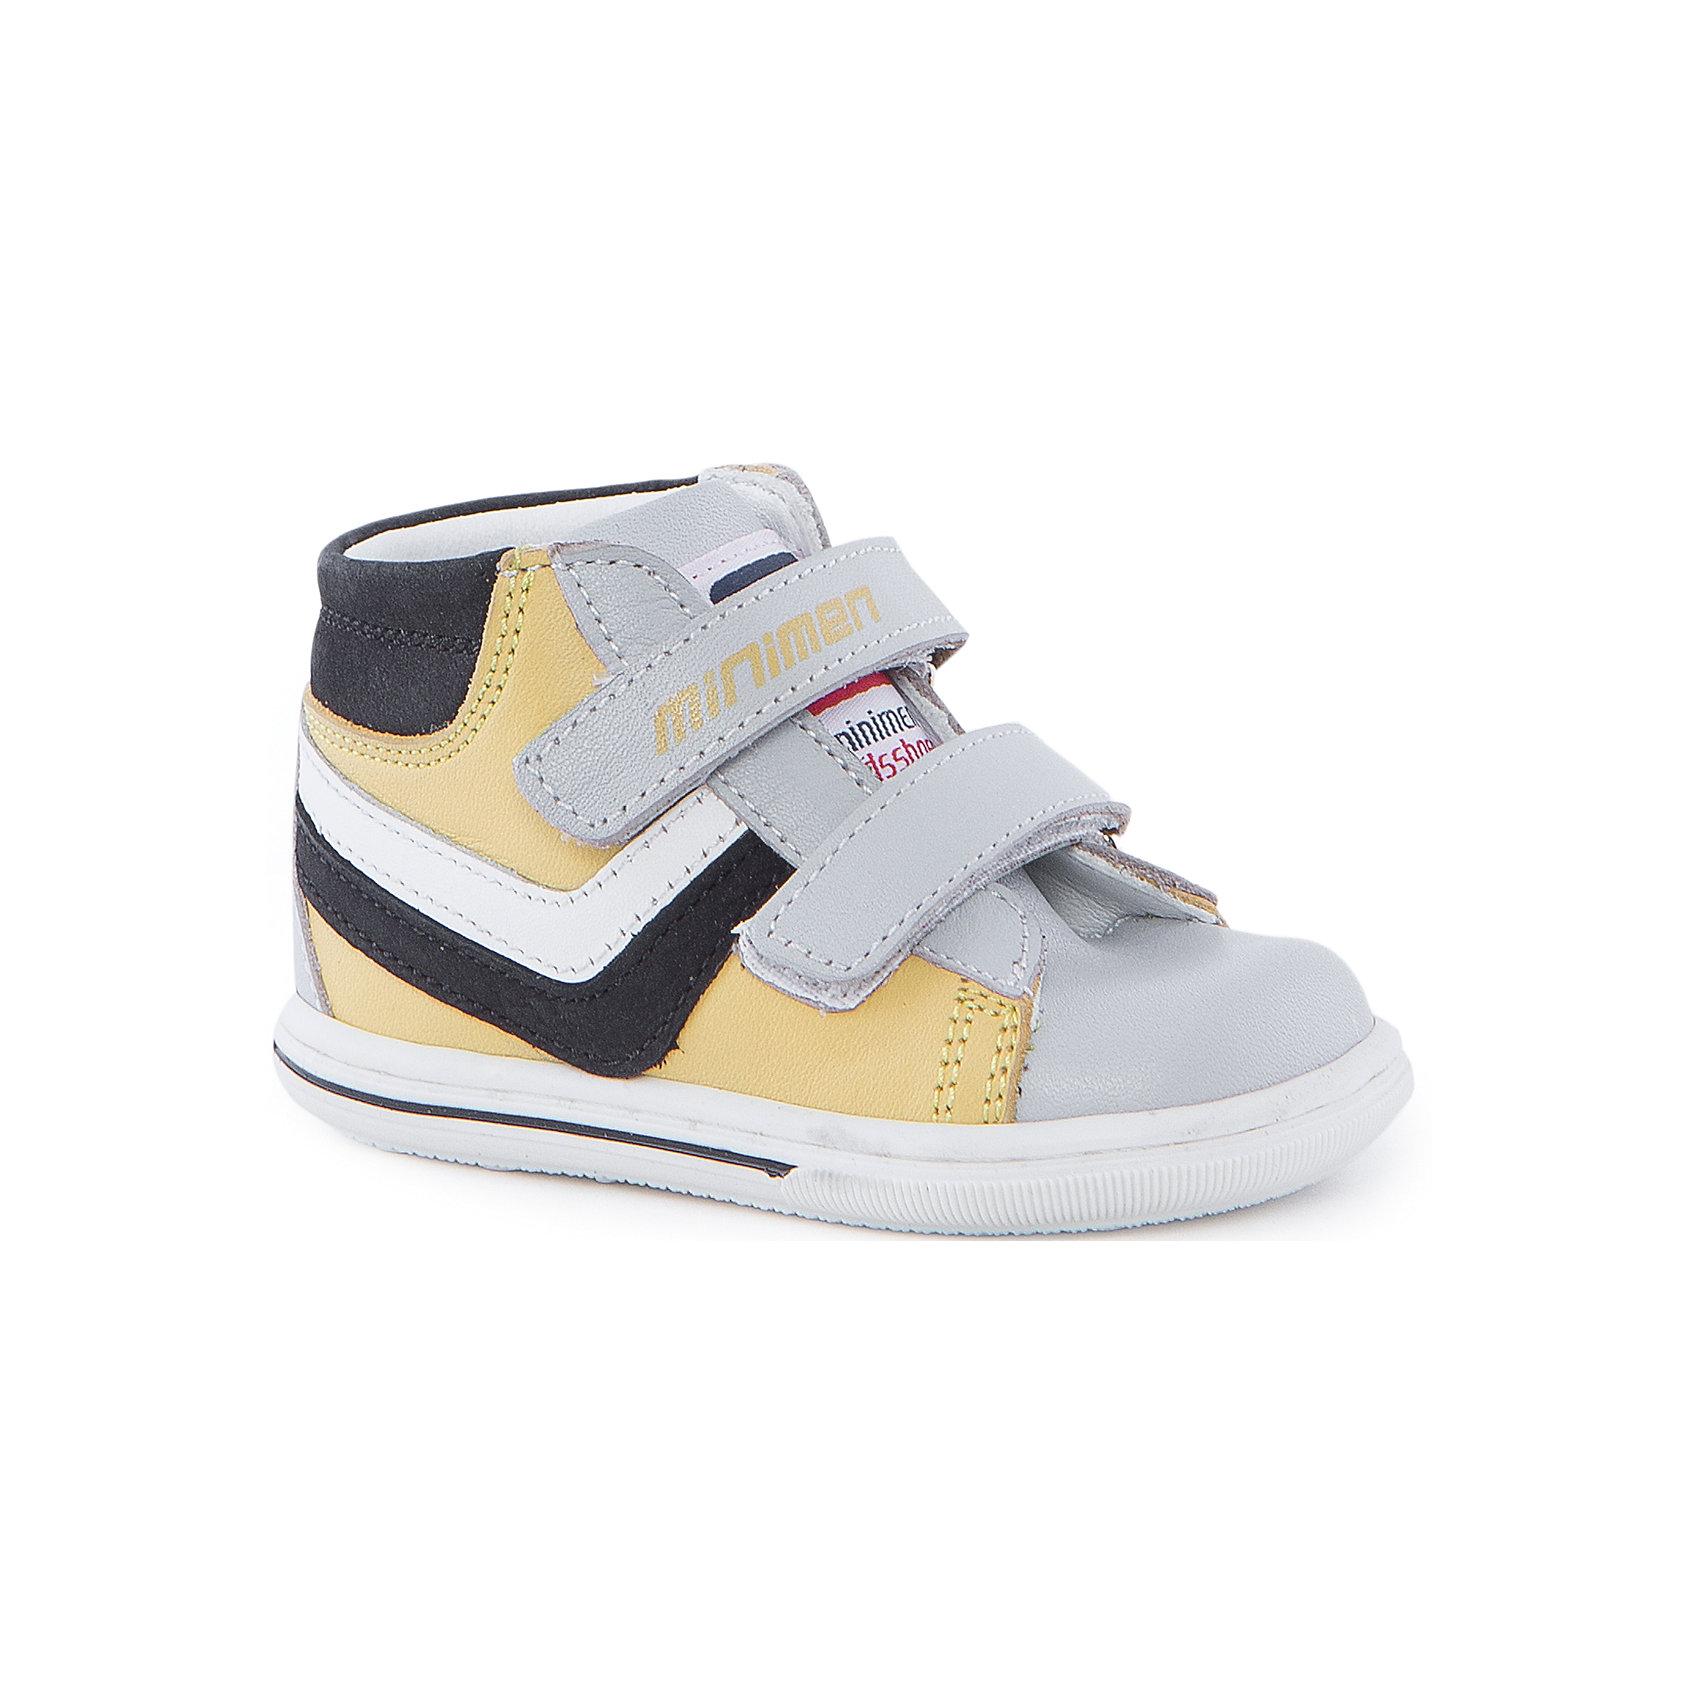 Ботинки для мальчика MinimenОбувь для малышей<br>Эти ботинки от Minimen невероятно удобные и практичные. Они имеют ортопедическую стельку, позволяющую стопе формироваться правильно, уплотненный задник и мыс. А приятный дизайн придется по вкусу и детям, и родителям!<br><br>Дополнительная информация:<br>Стелька: супинатор<br>Сезон: весна-лето<br>Материал: 100% кожа<br>Цвет: желтый<br><br>Ботинки Minimen можно приобрести в нашем интернет-магазине.<br><br>Ширина мм: 262<br>Глубина мм: 176<br>Высота мм: 97<br>Вес г: 427<br>Цвет: серый<br>Возраст от месяцев: 3<br>Возраст до месяцев: 6<br>Пол: Мужской<br>Возраст: Детский<br>Размер: 18,22,19,20,21<br>SKU: 4970037